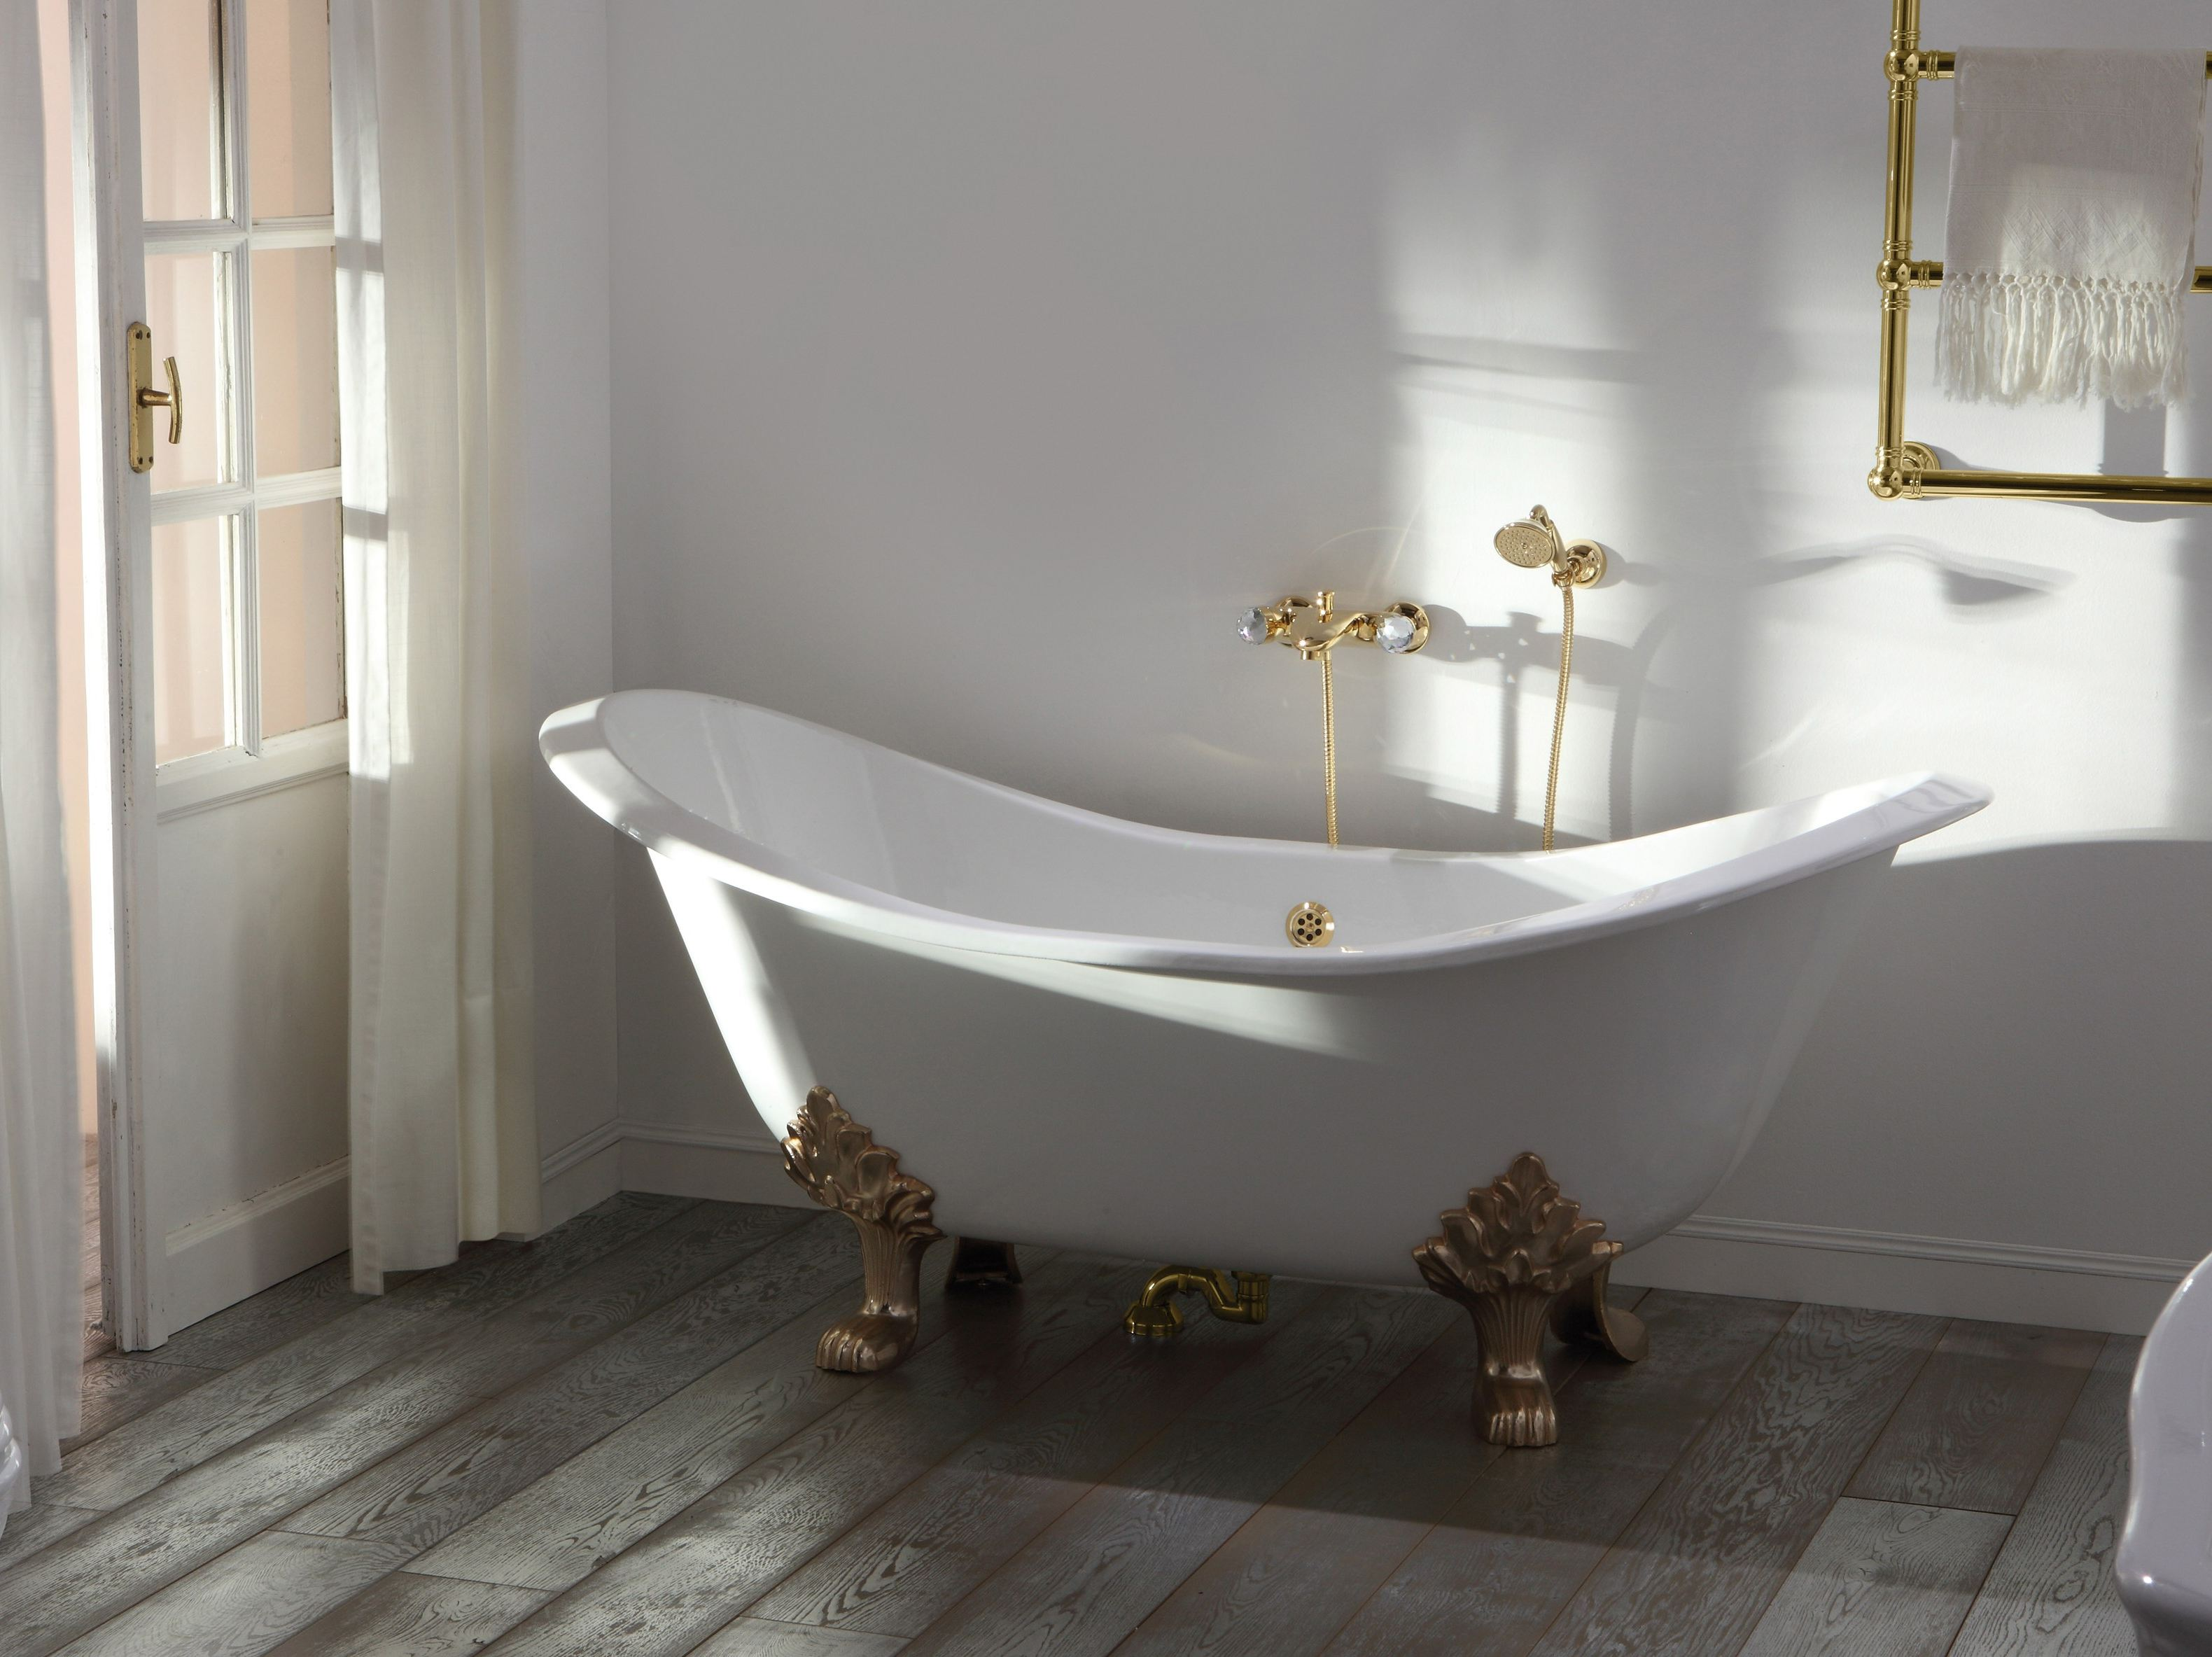 Impero style vasca da bagno by giulini g rubinetteria - Vasche da bagno retro ...